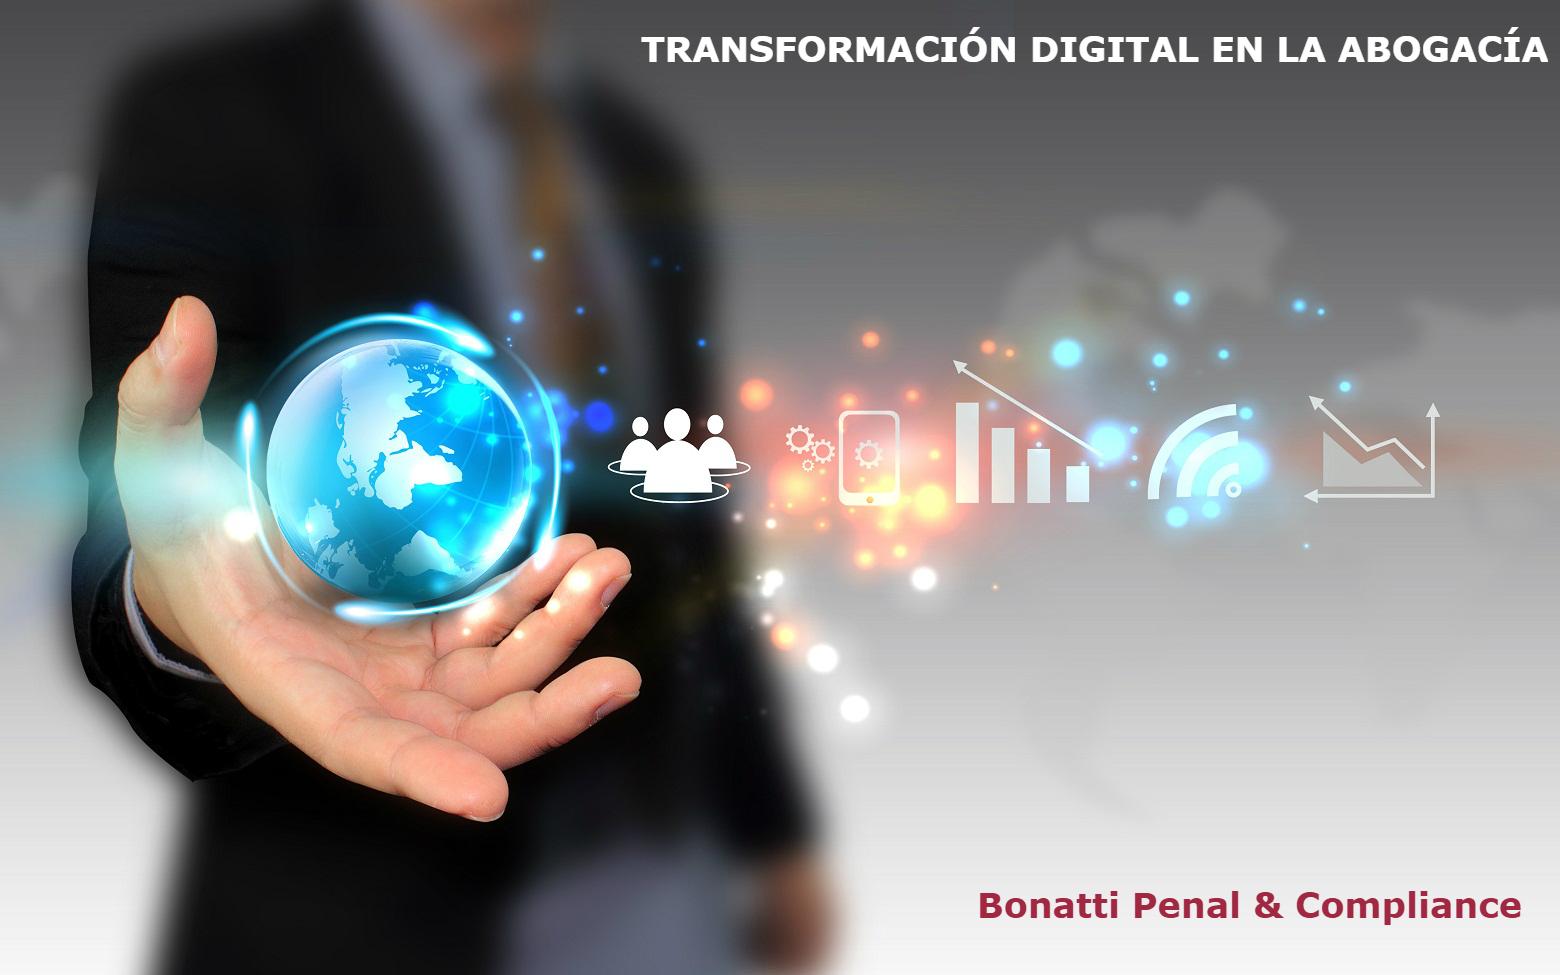 Transformación Digital en la Abogacía: del desafío a la oportunidad